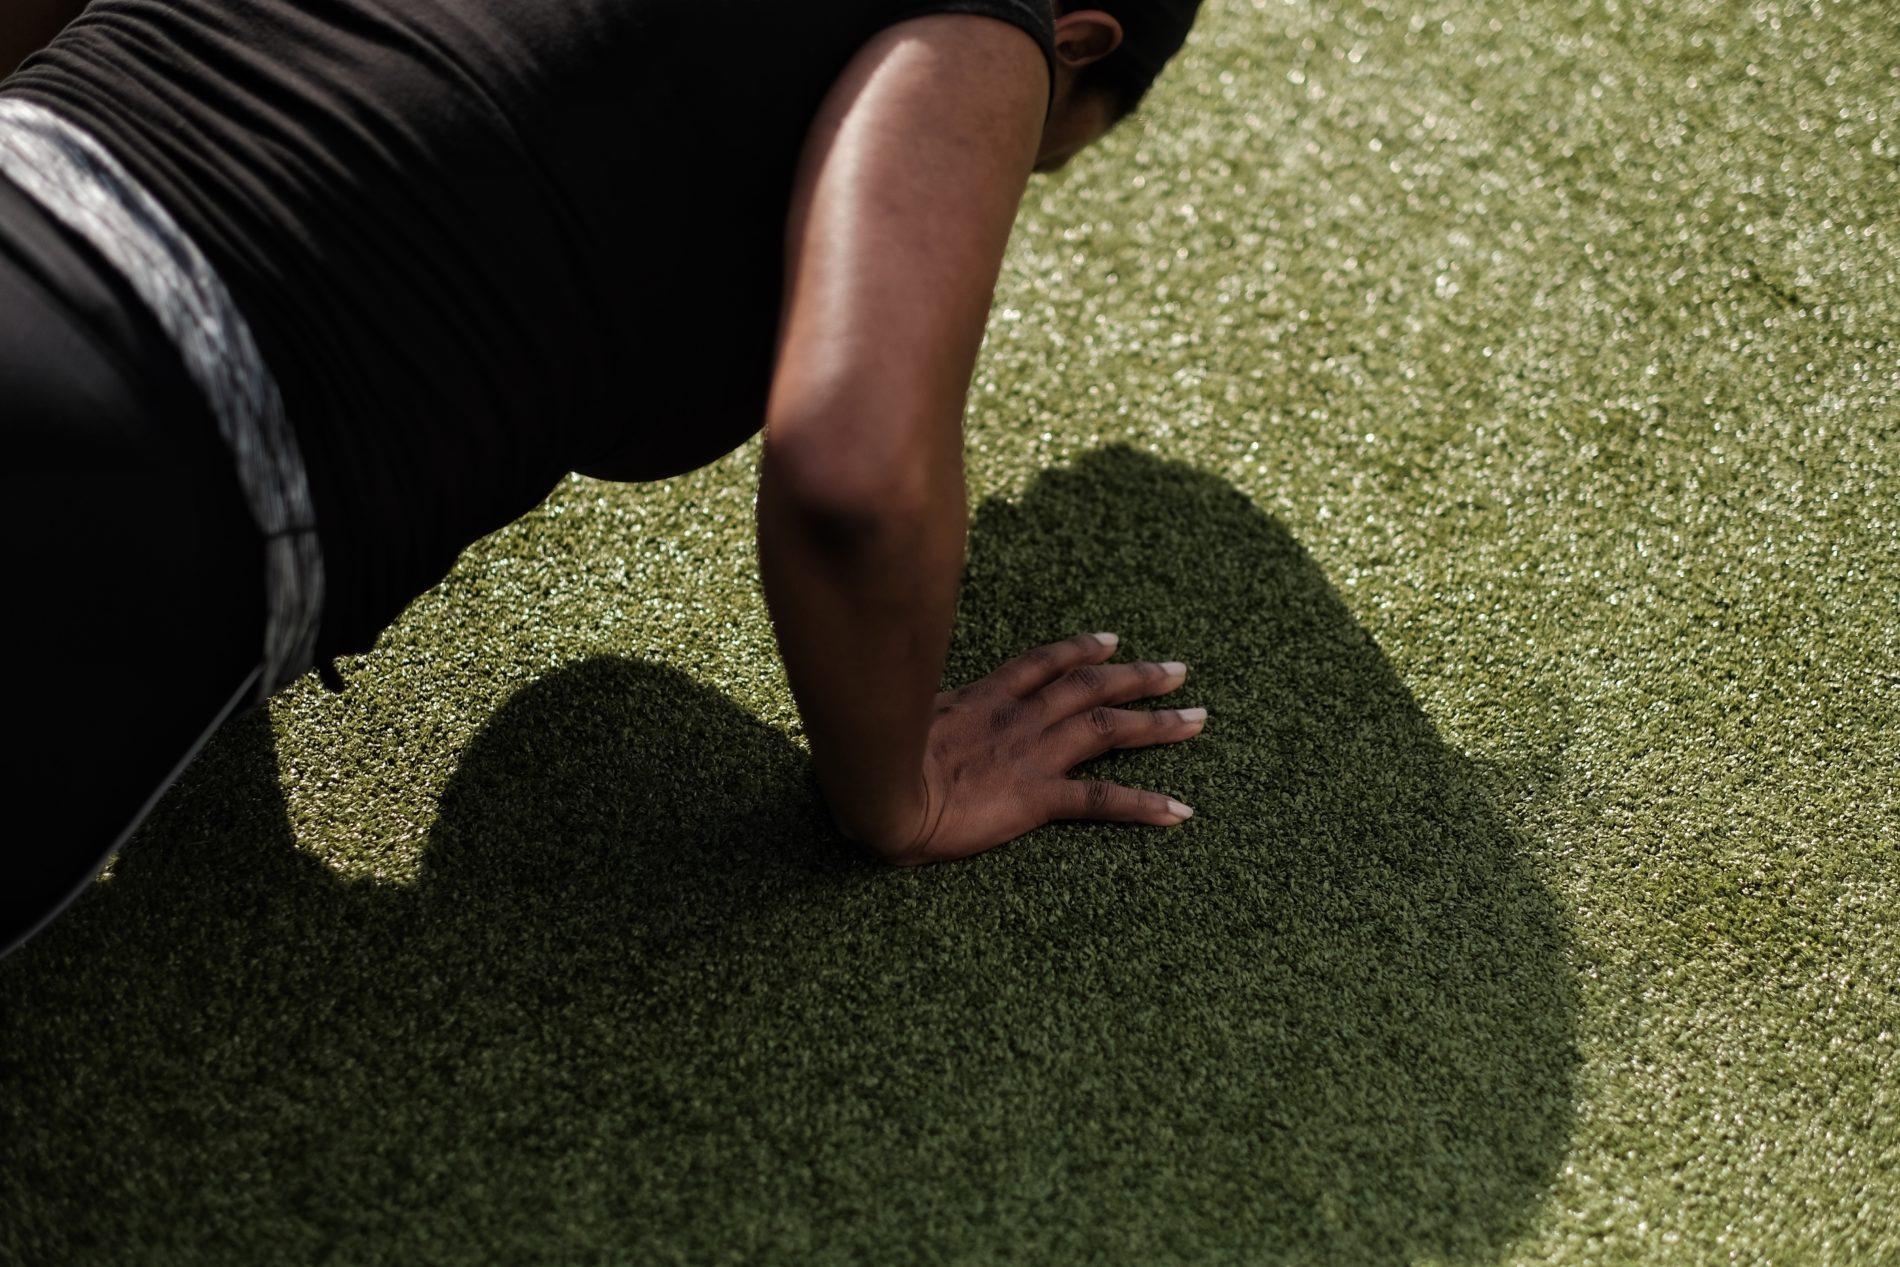 Hötorgsterrassen träning